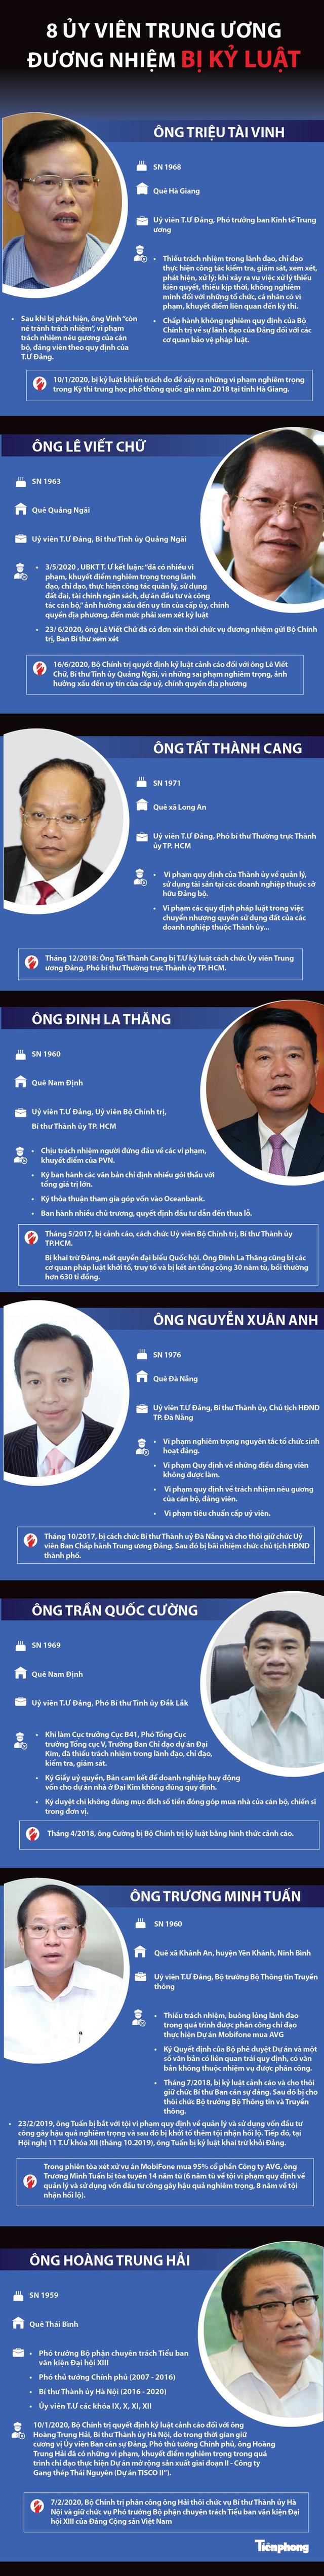 8 ủy viên Trung ương Đảng đương nhiệm bị kỷ luật - Ảnh 1.